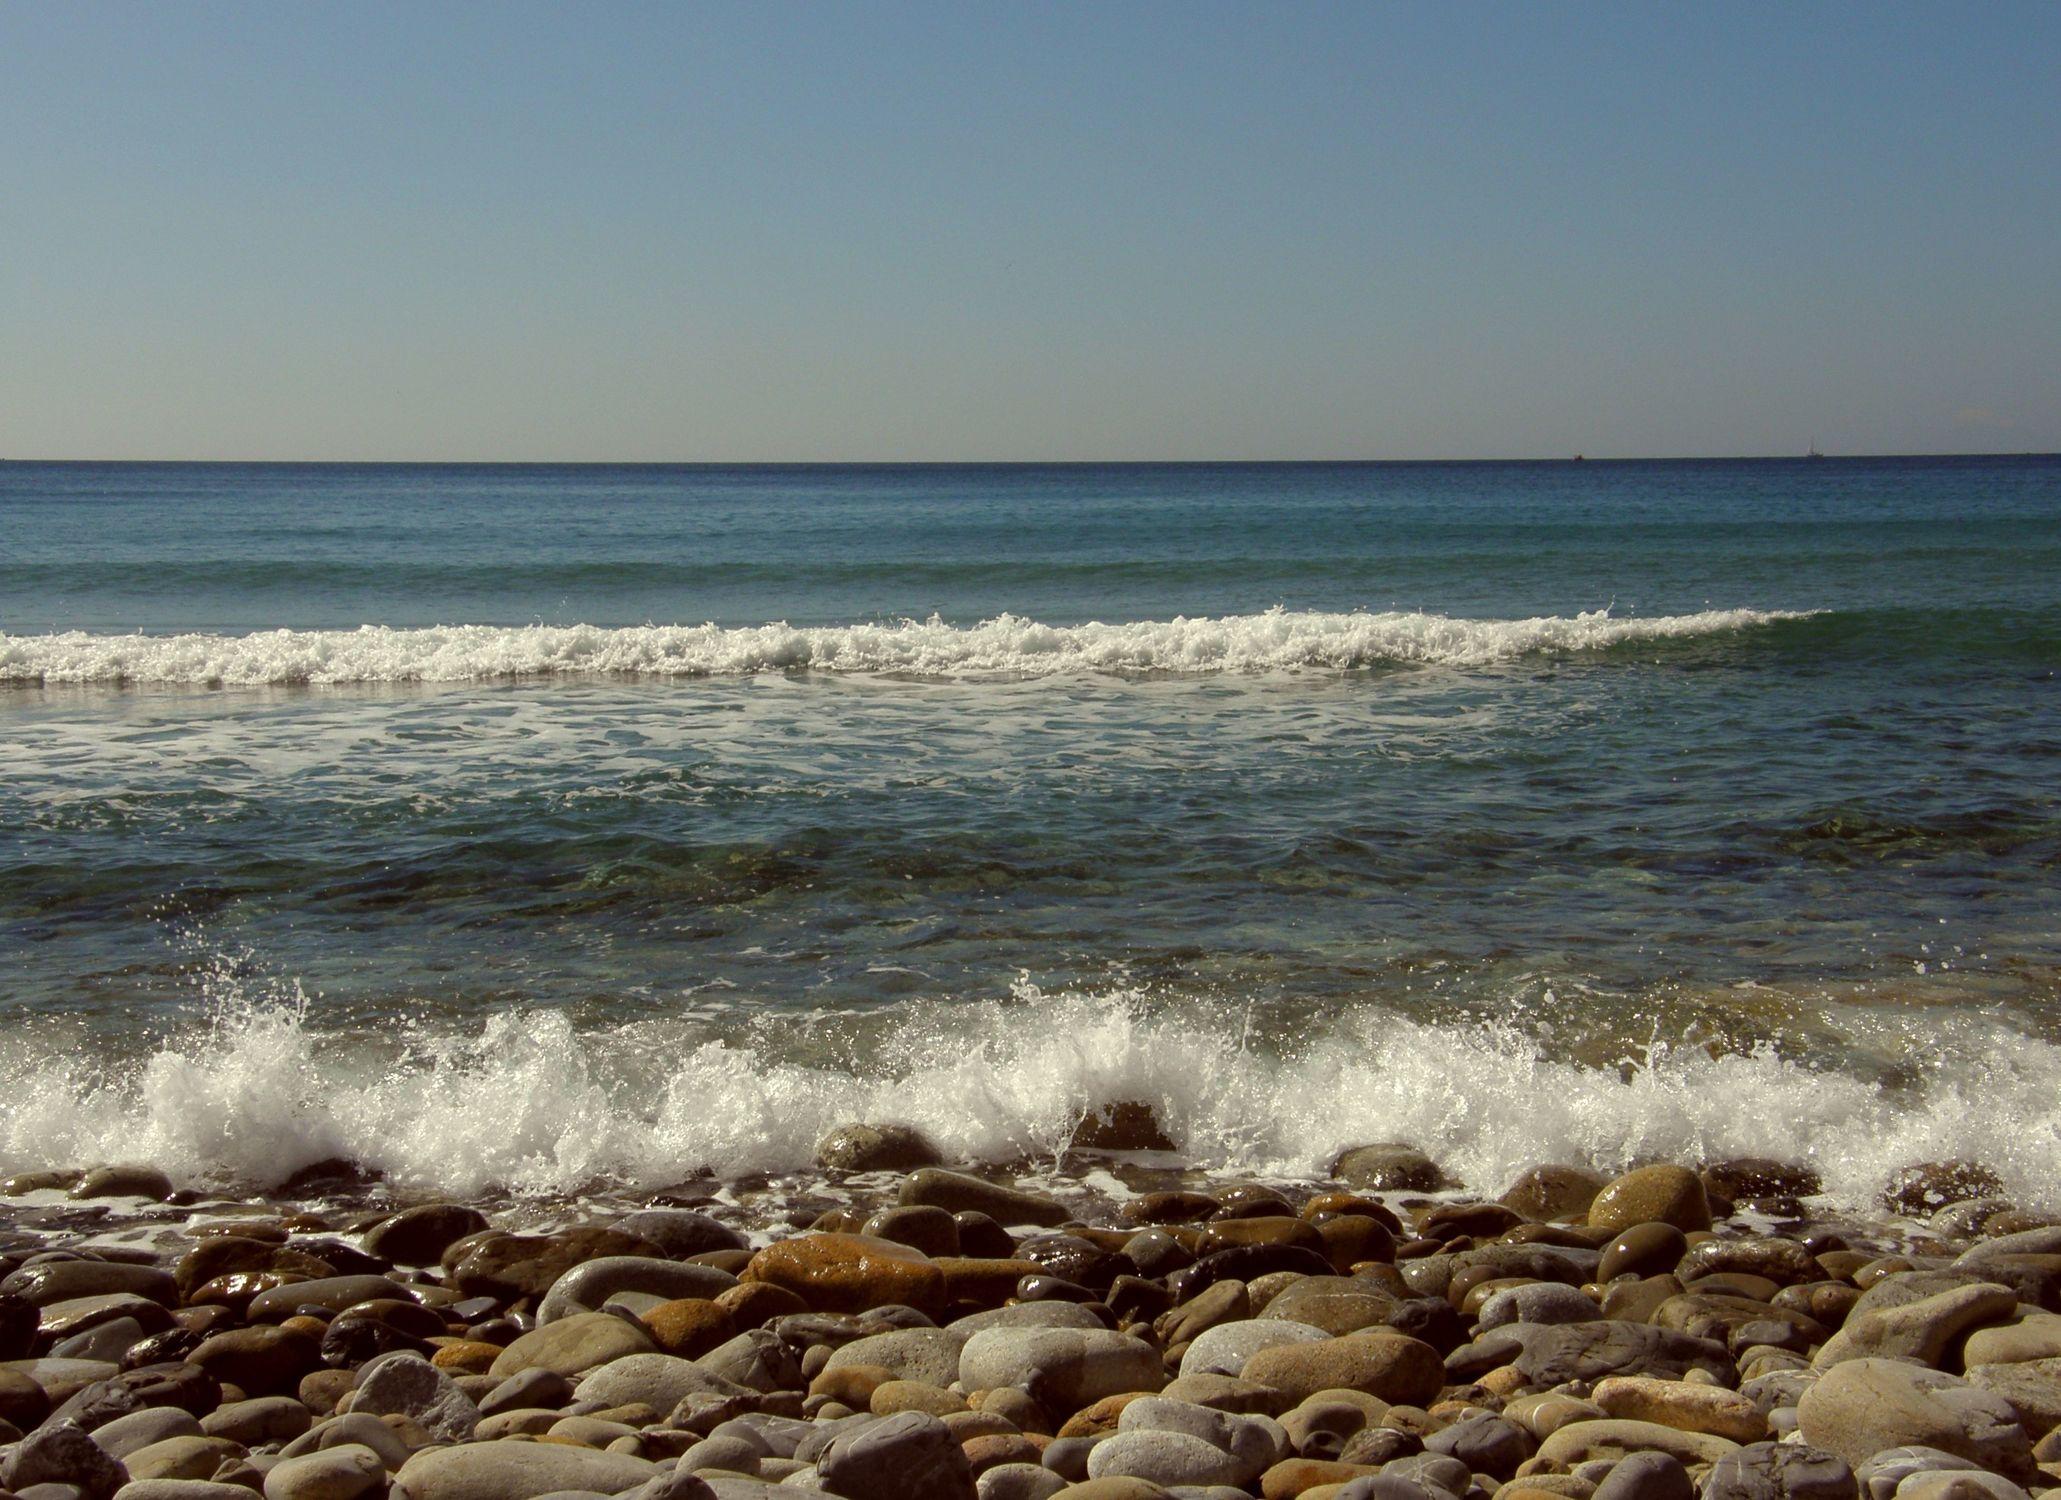 Bild mit Strände, Wellen, Italien, Strand, Meer, Insel, Sehnsucht nach Meer